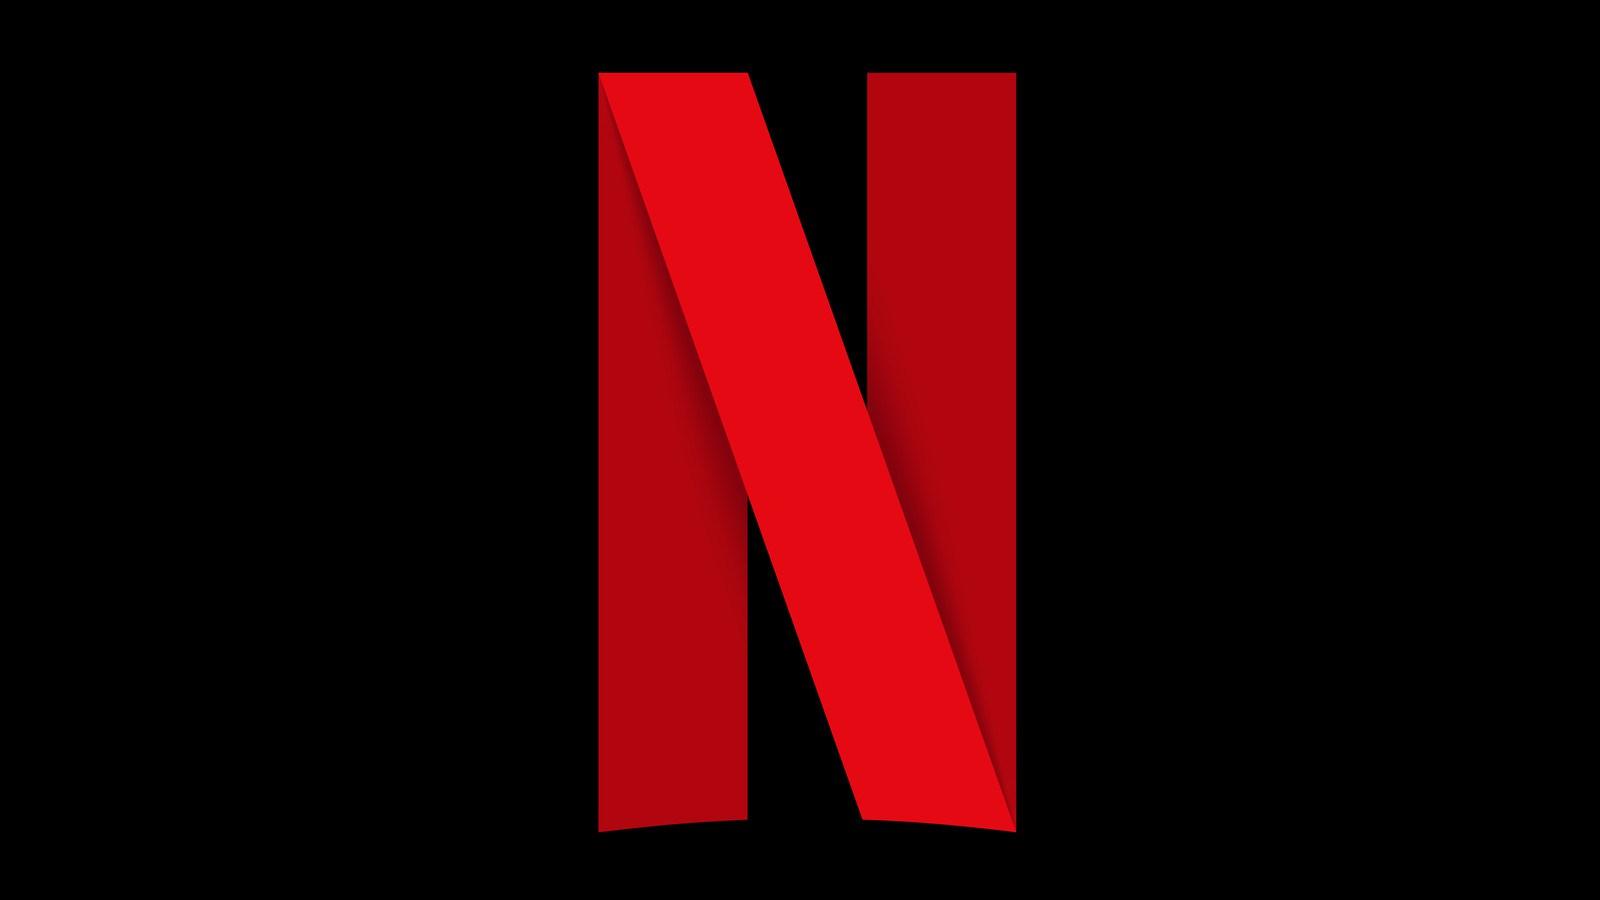 Come regalare un abbonamento a Netflix: le gift card